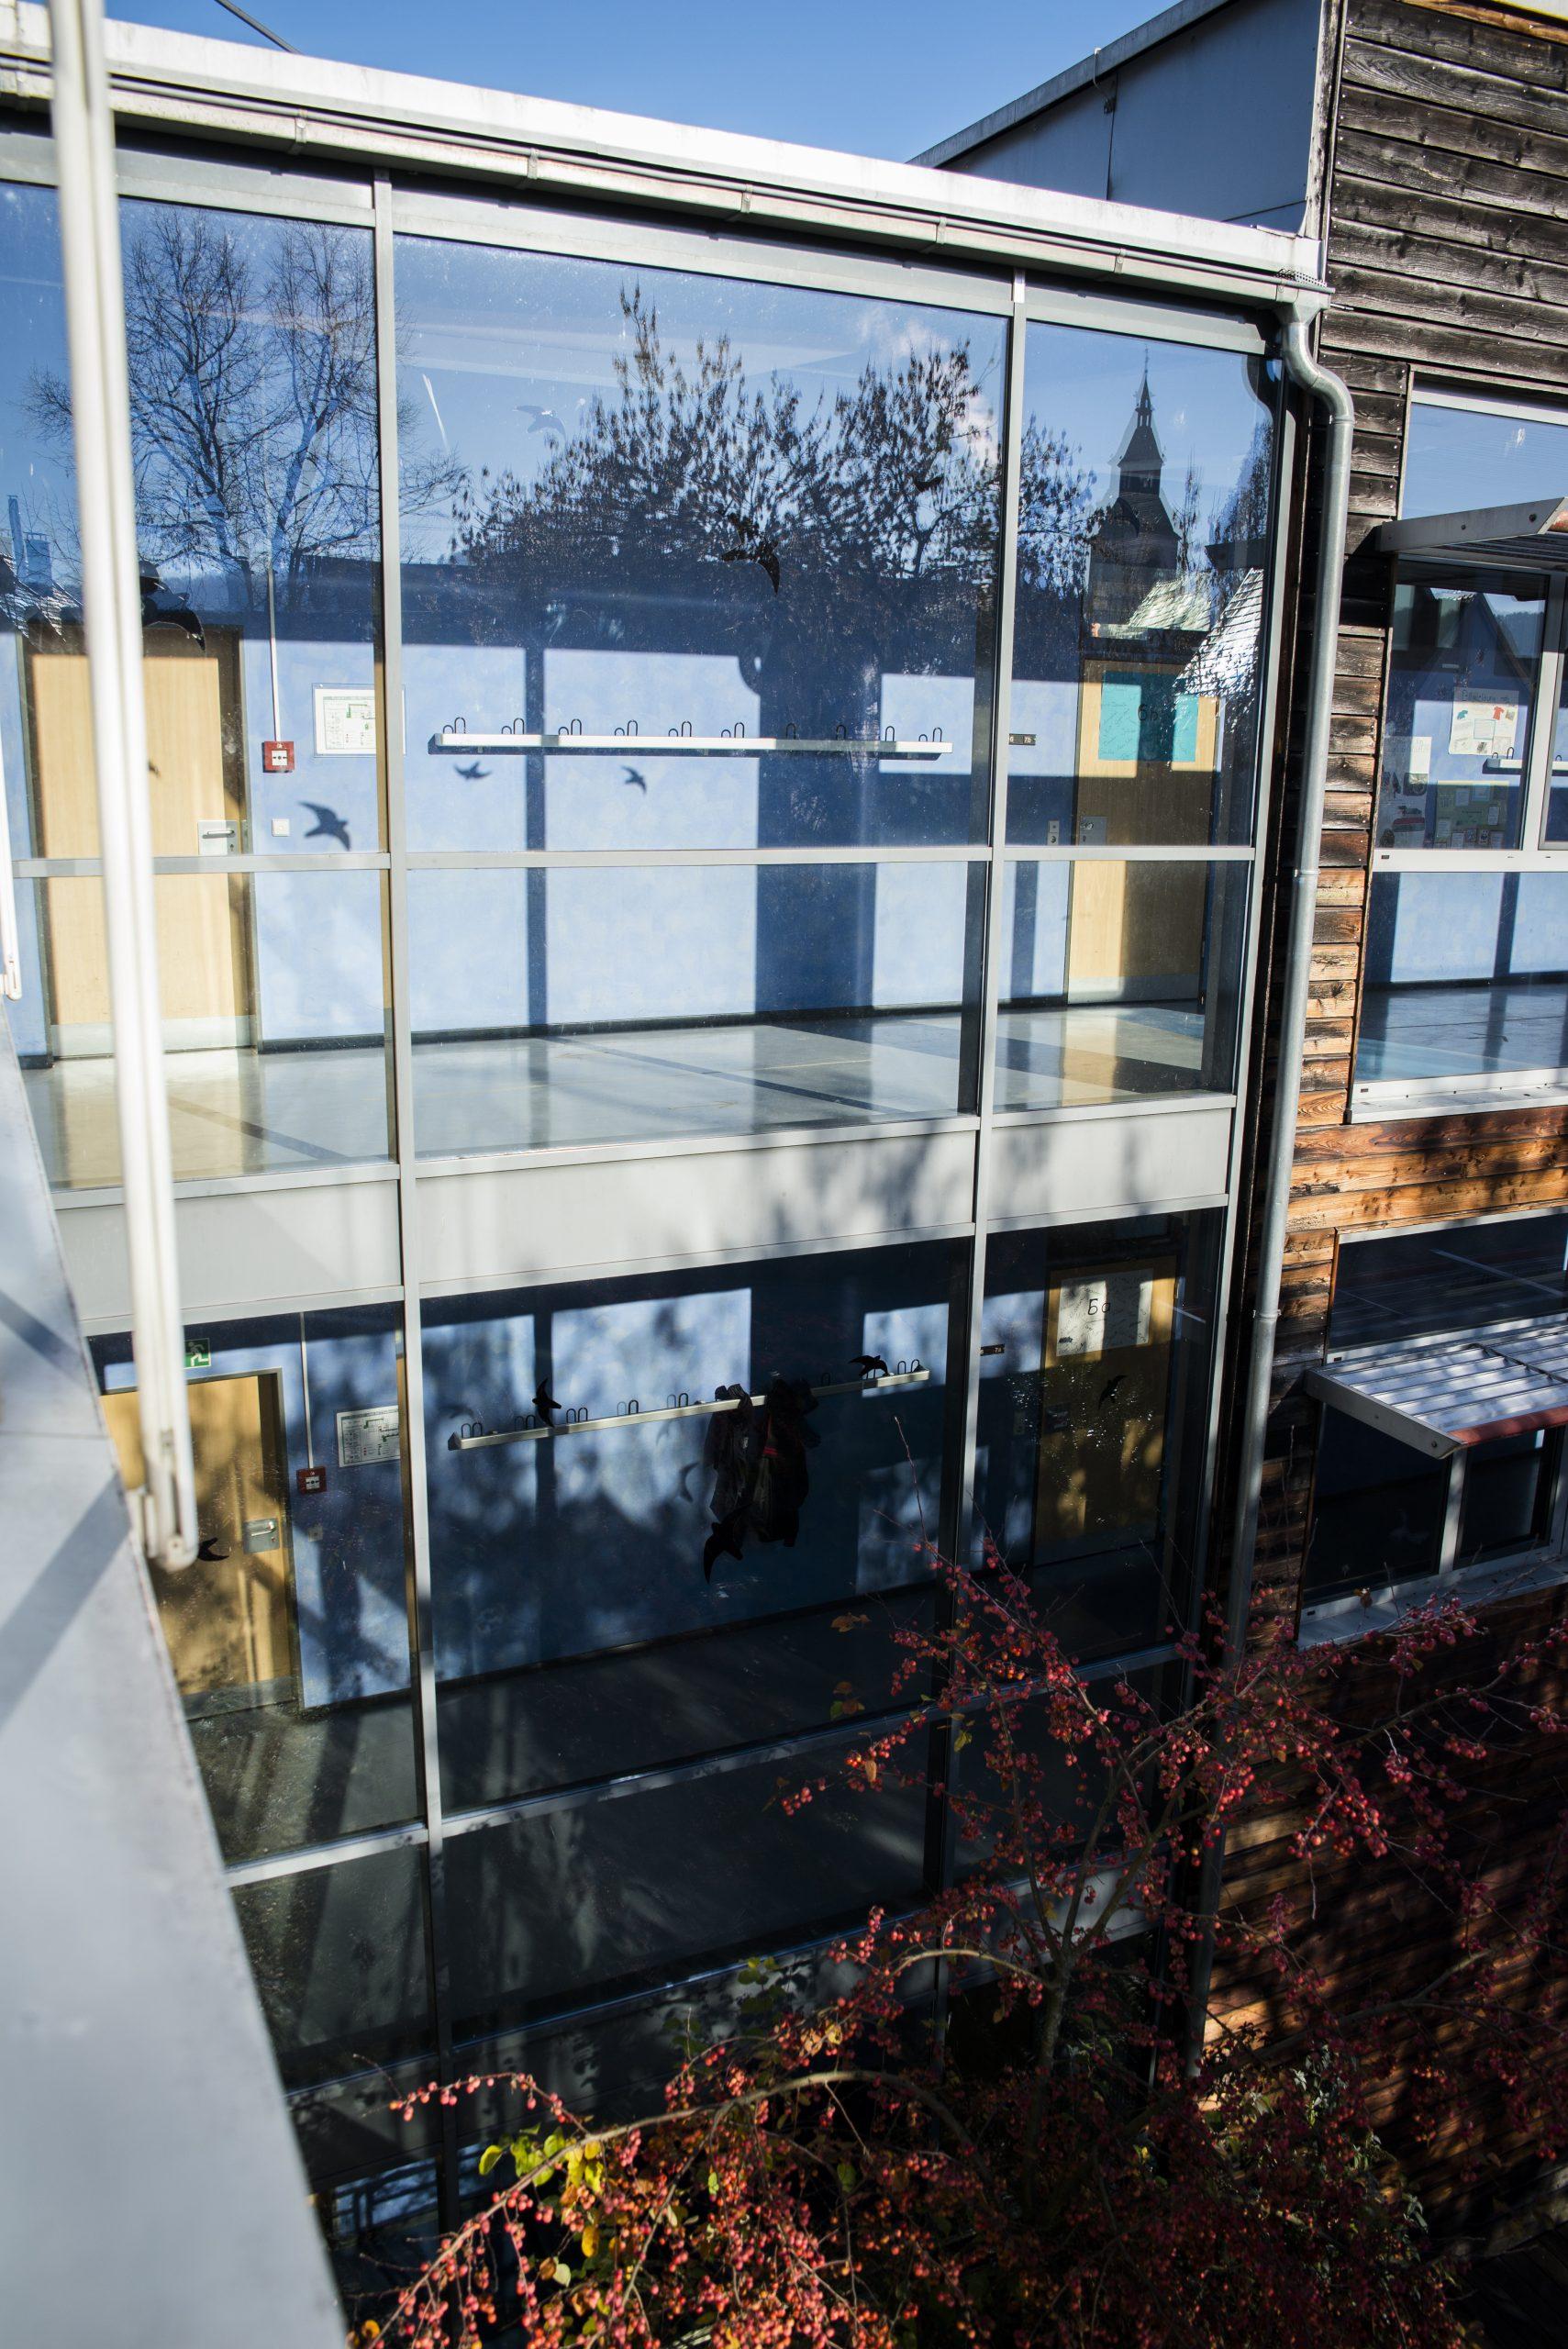 Blick aus dem Fenster auf Schulgebäude